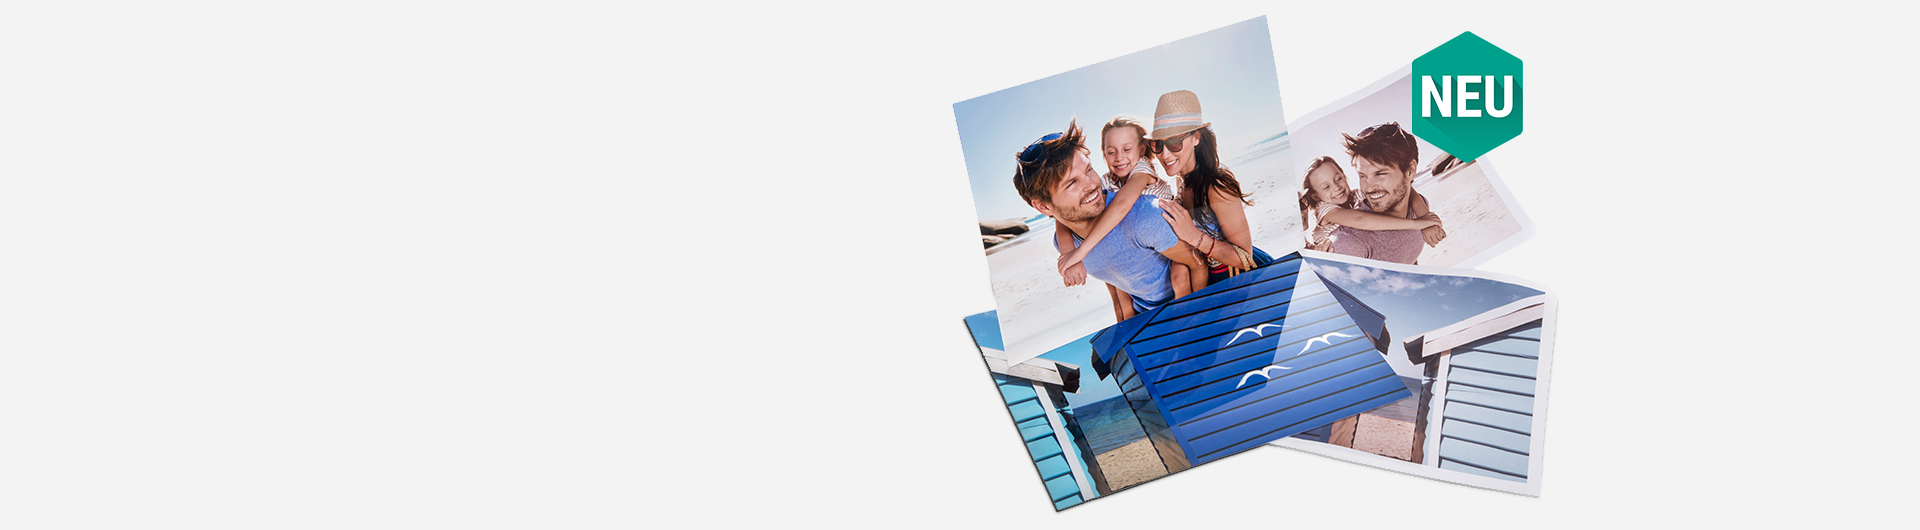 Fotodruck in High Definiton mit WunderBoard